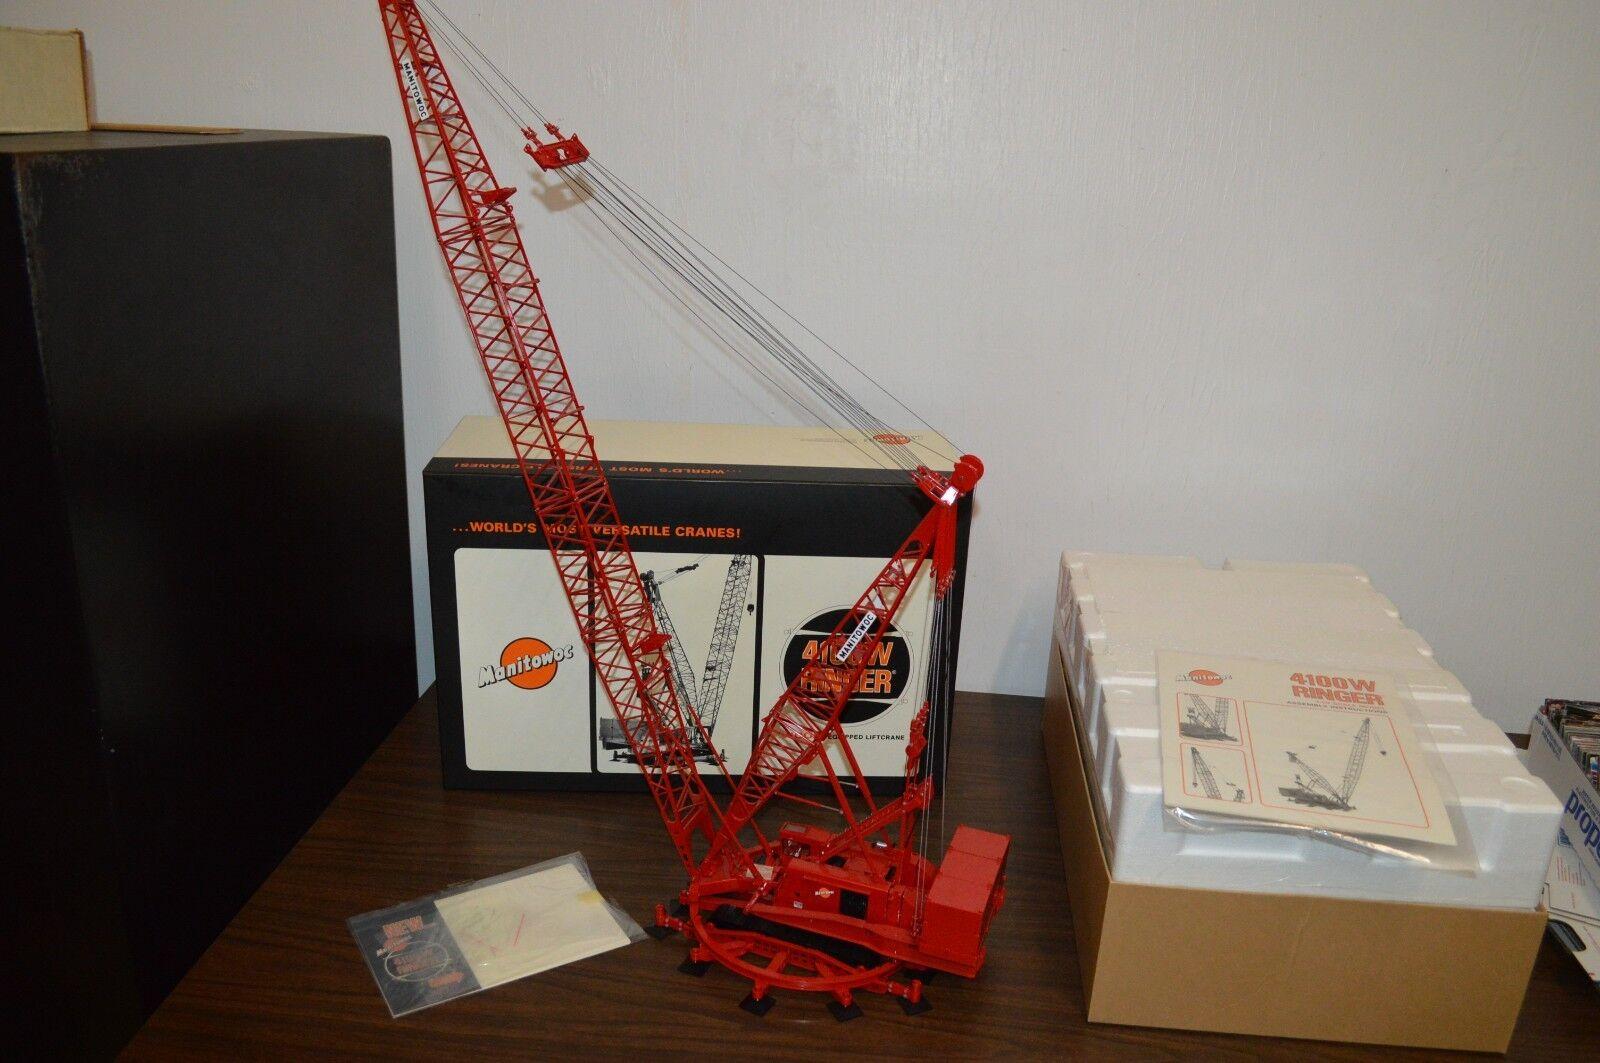 hommeITOWOC 4100 W sacueer Crane - 1 50 Scale-TWH   051-01041    A VOIR  bienvenue pour acheter